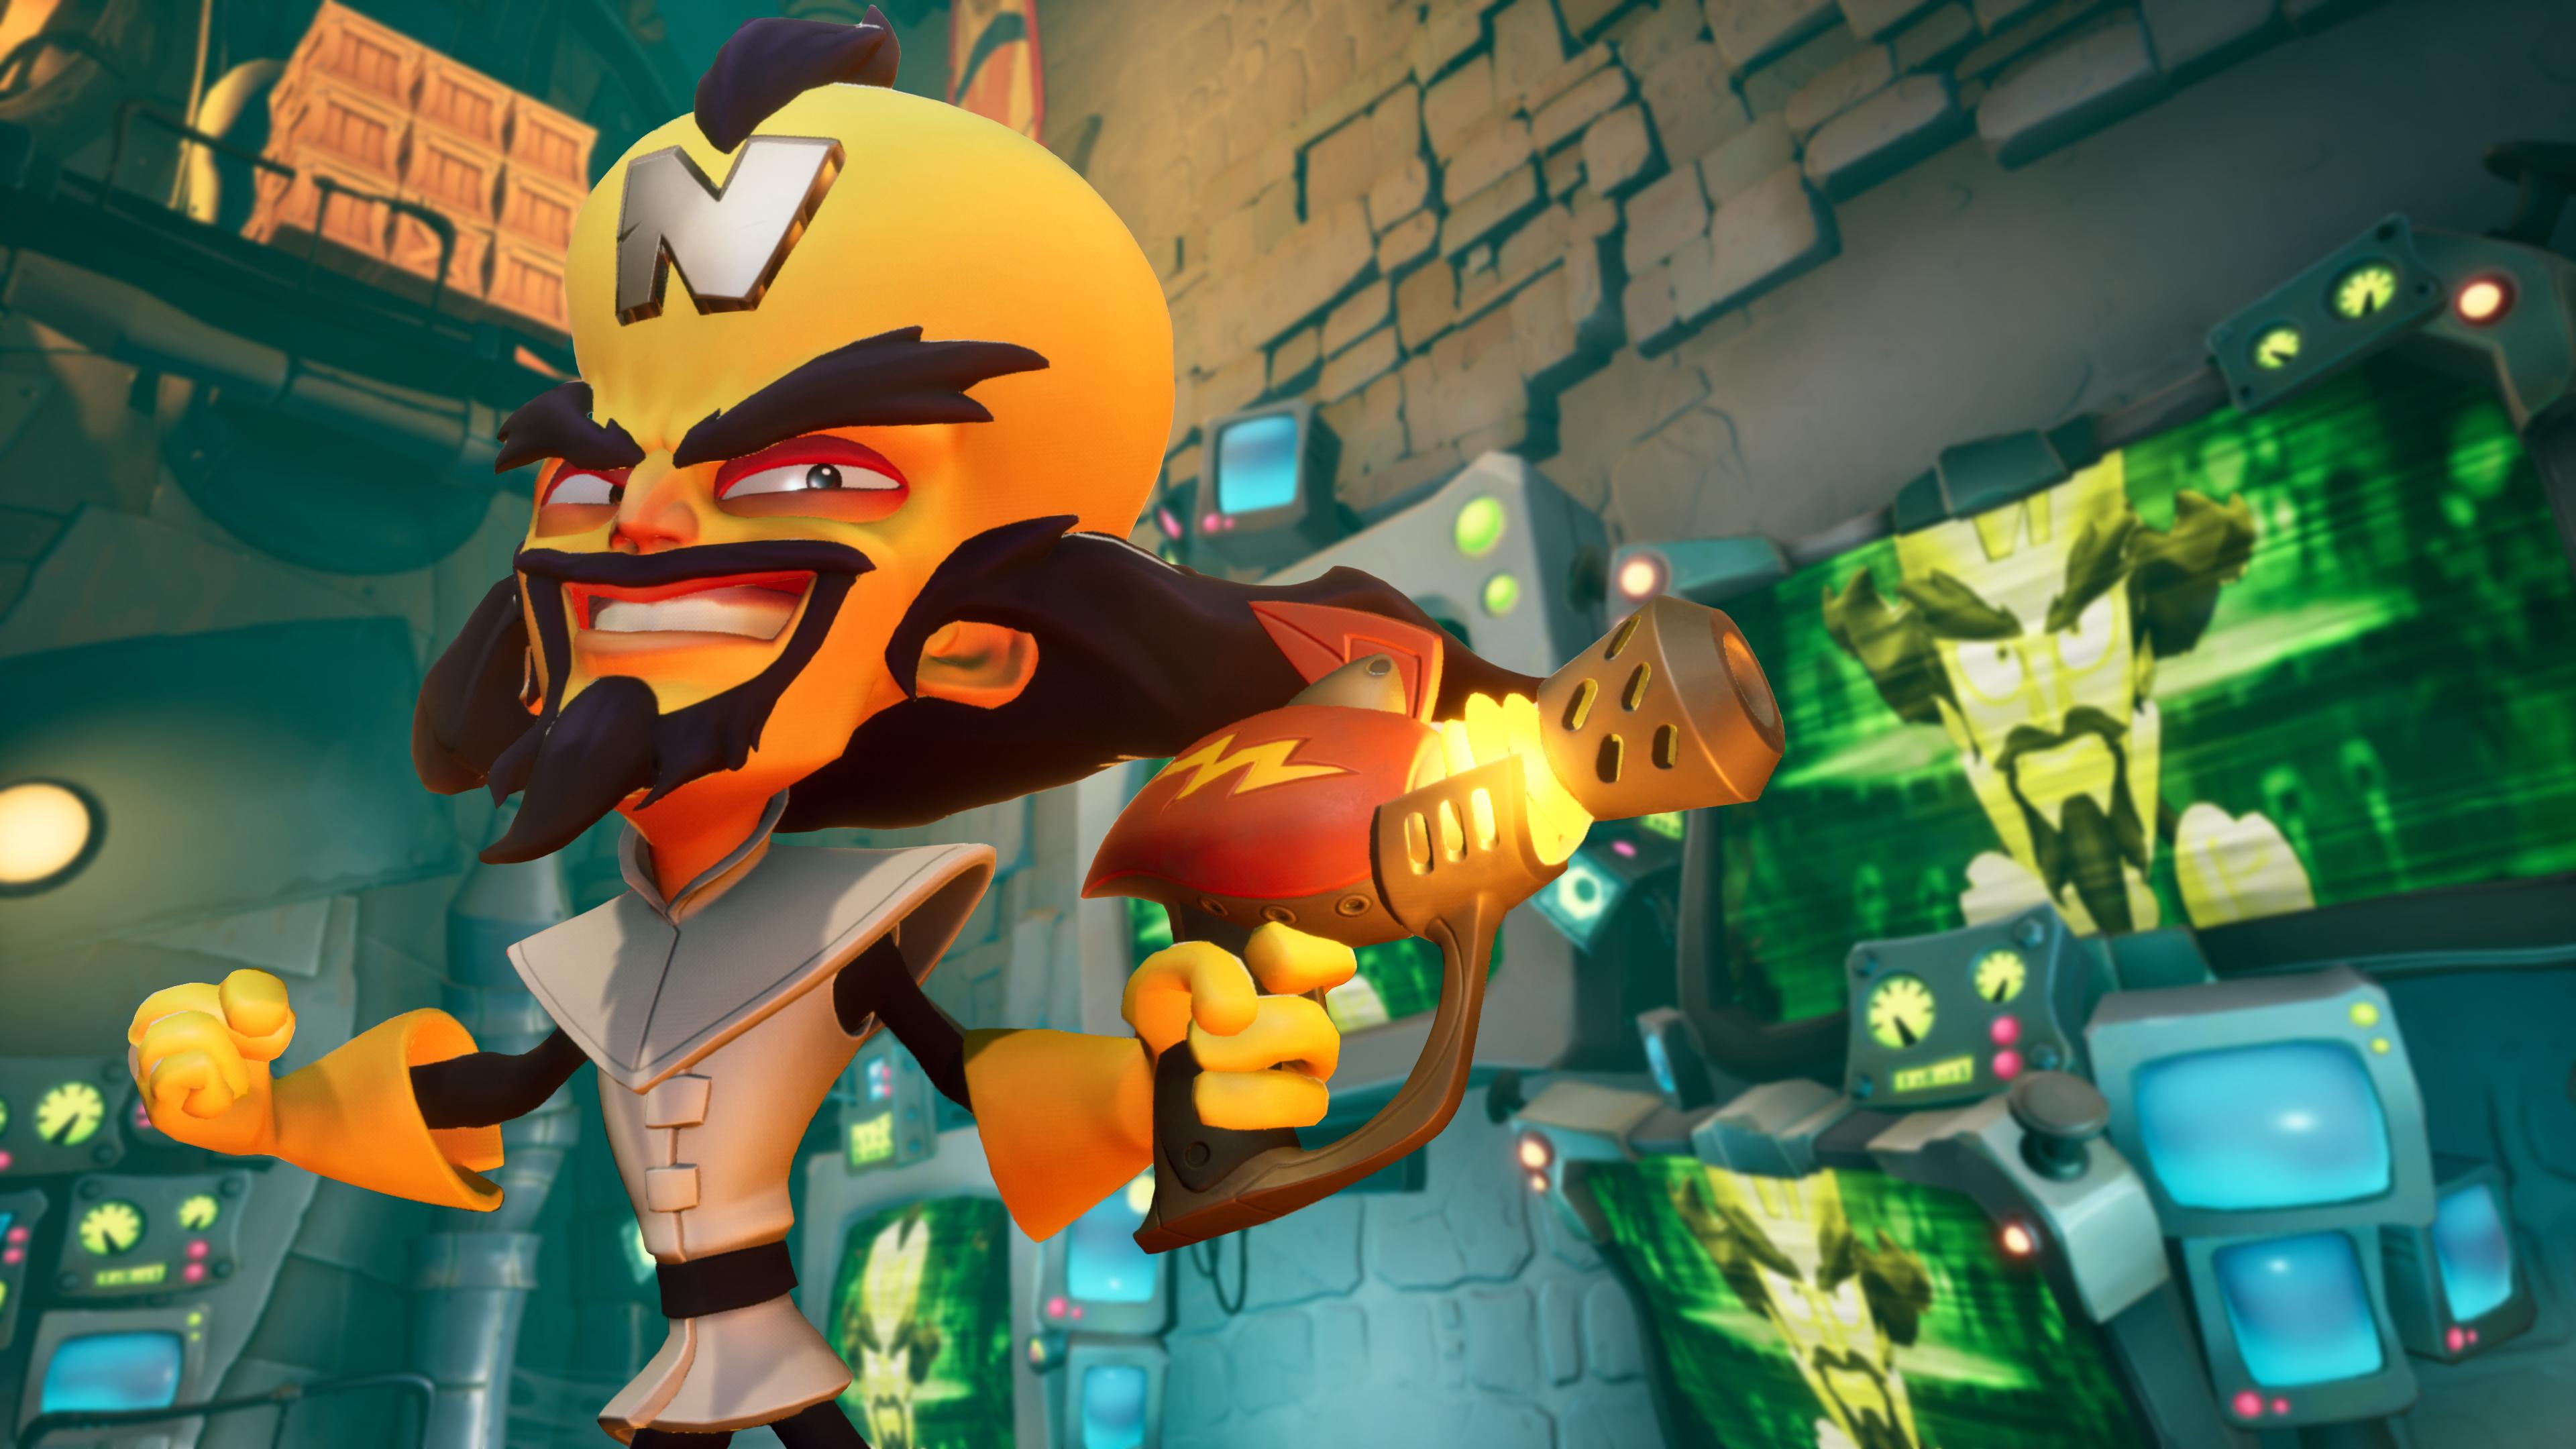 Скриншот №4 к Crash Bandicoot - юбилейный набор Crash